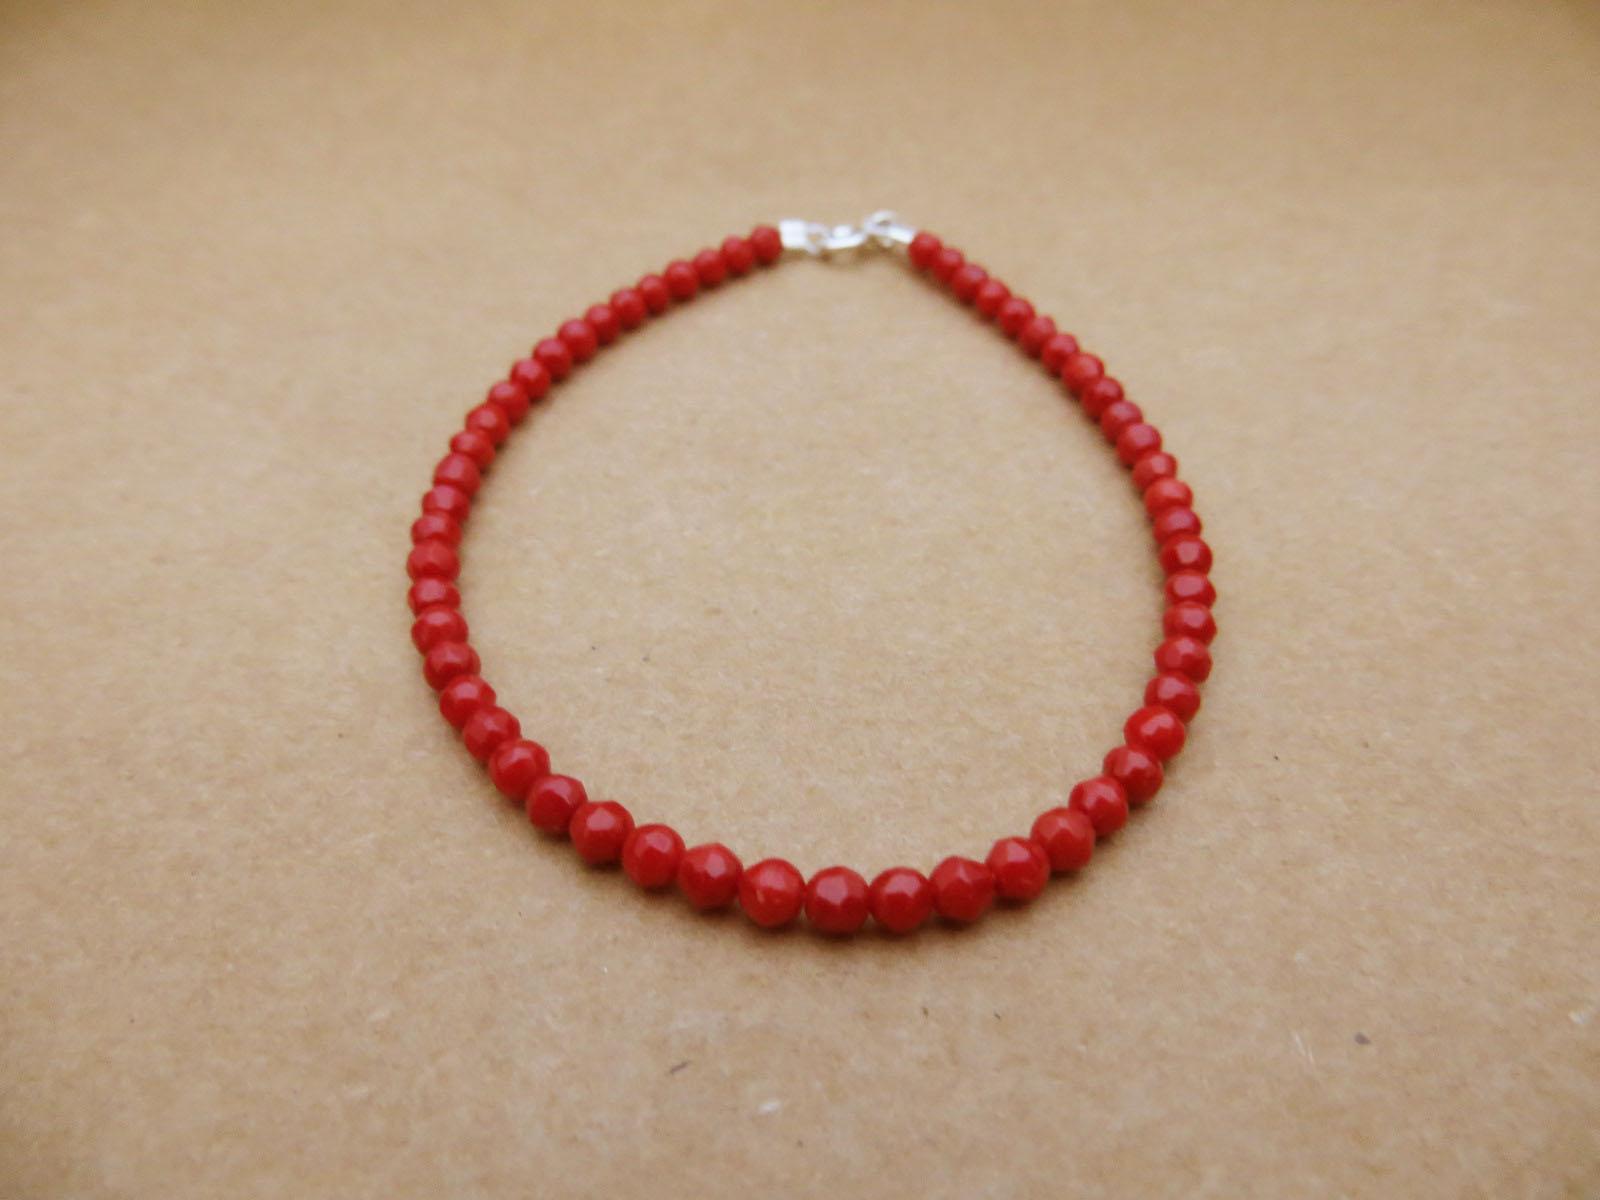 Βραχιόλι κόκκινο κοράλι  8b719ed5ba4